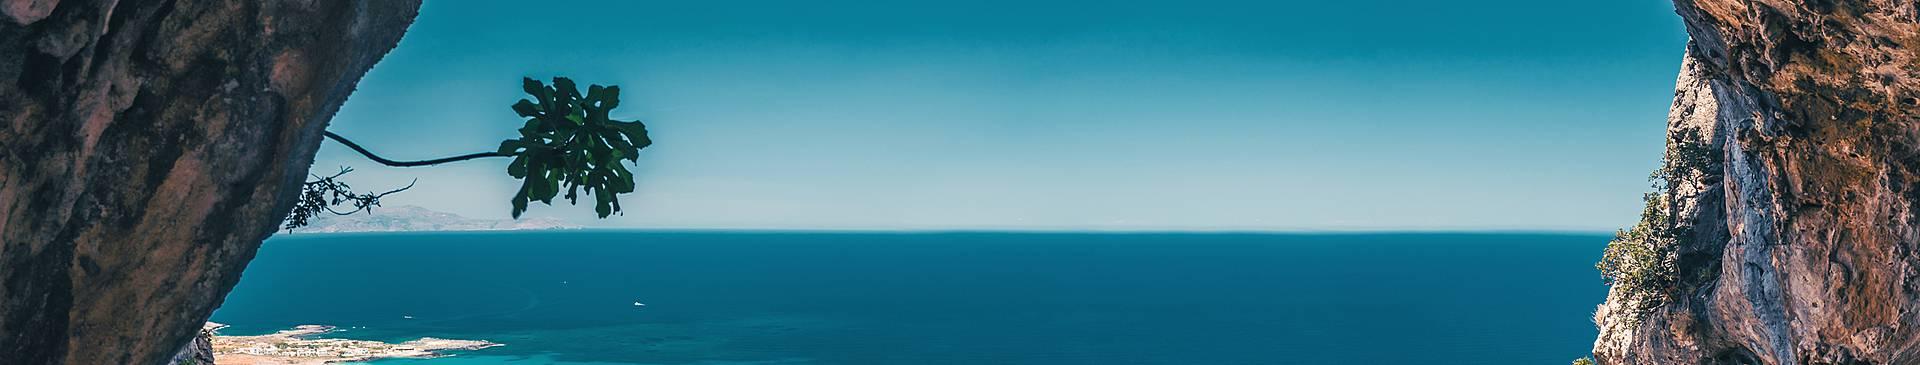 Voyage plage en Grèce